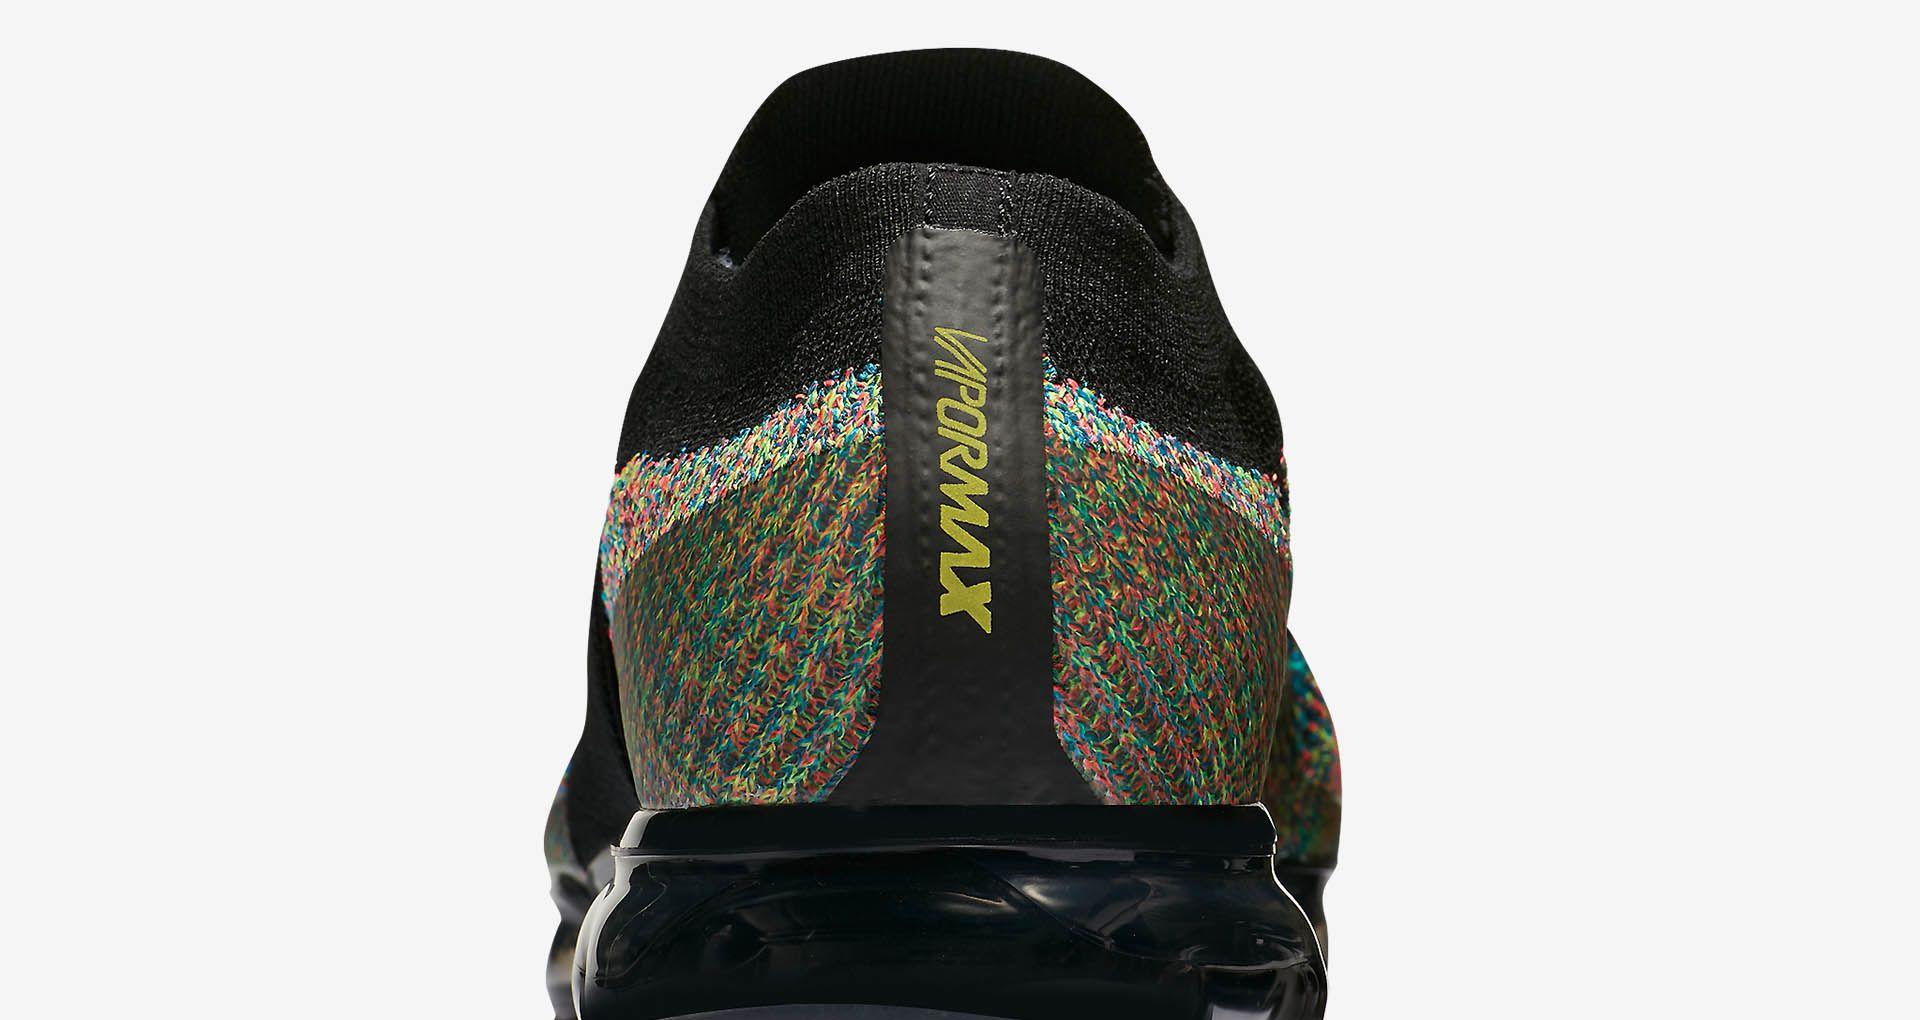 hot sale online 9903e a24d0 Cyber Monday 2017  Nike Air Vapormax Moc Multicolor Release Date